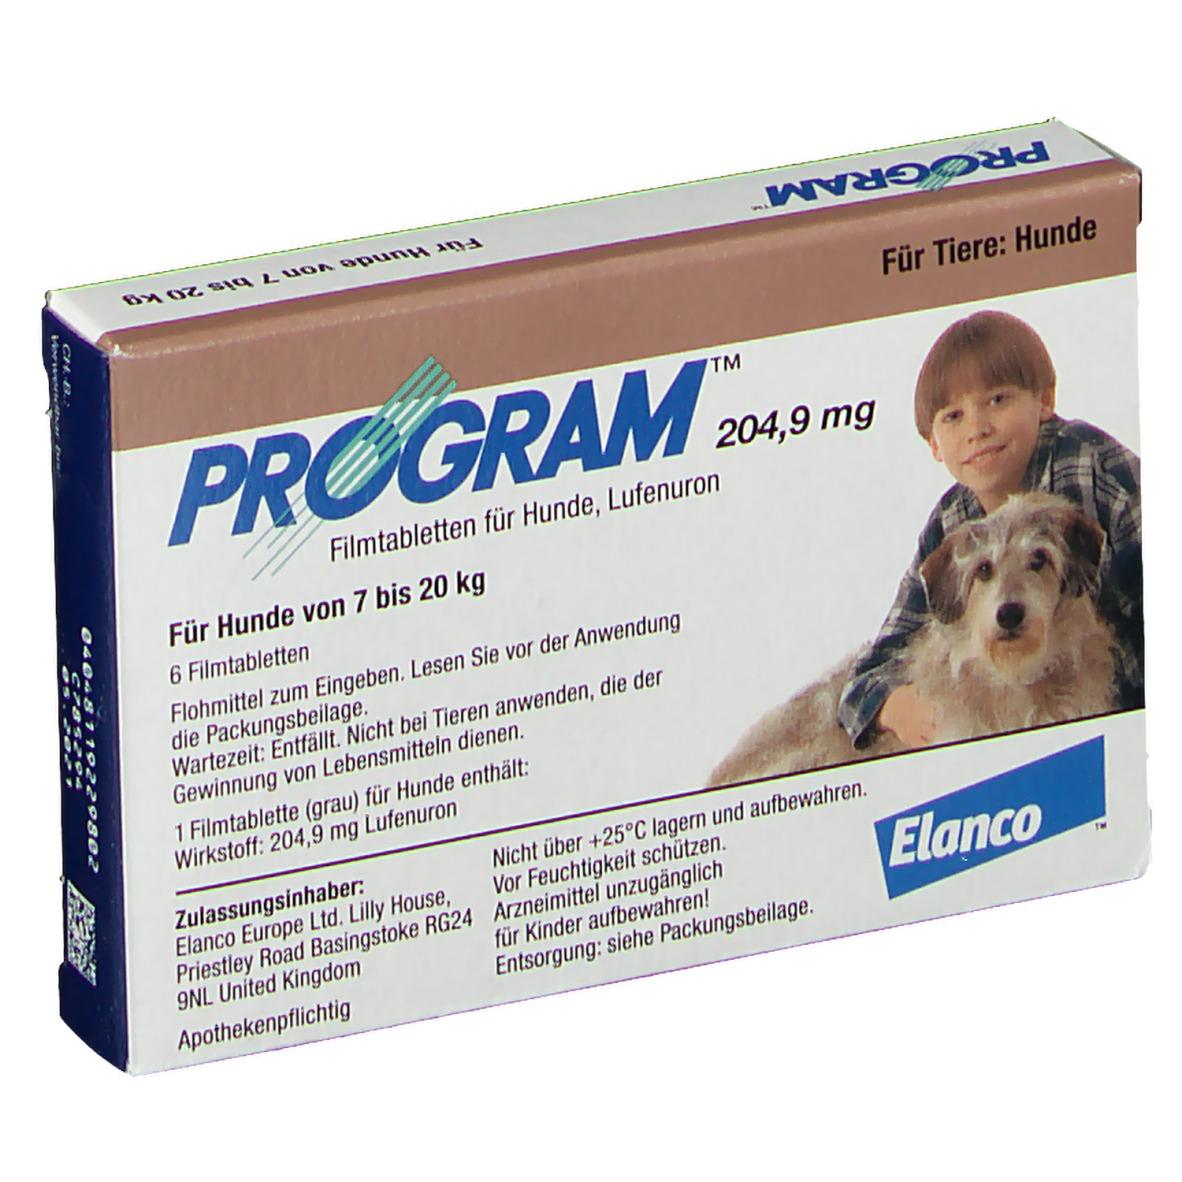 Program® für Hunde 204,9 mg 6 St Filmtabletten